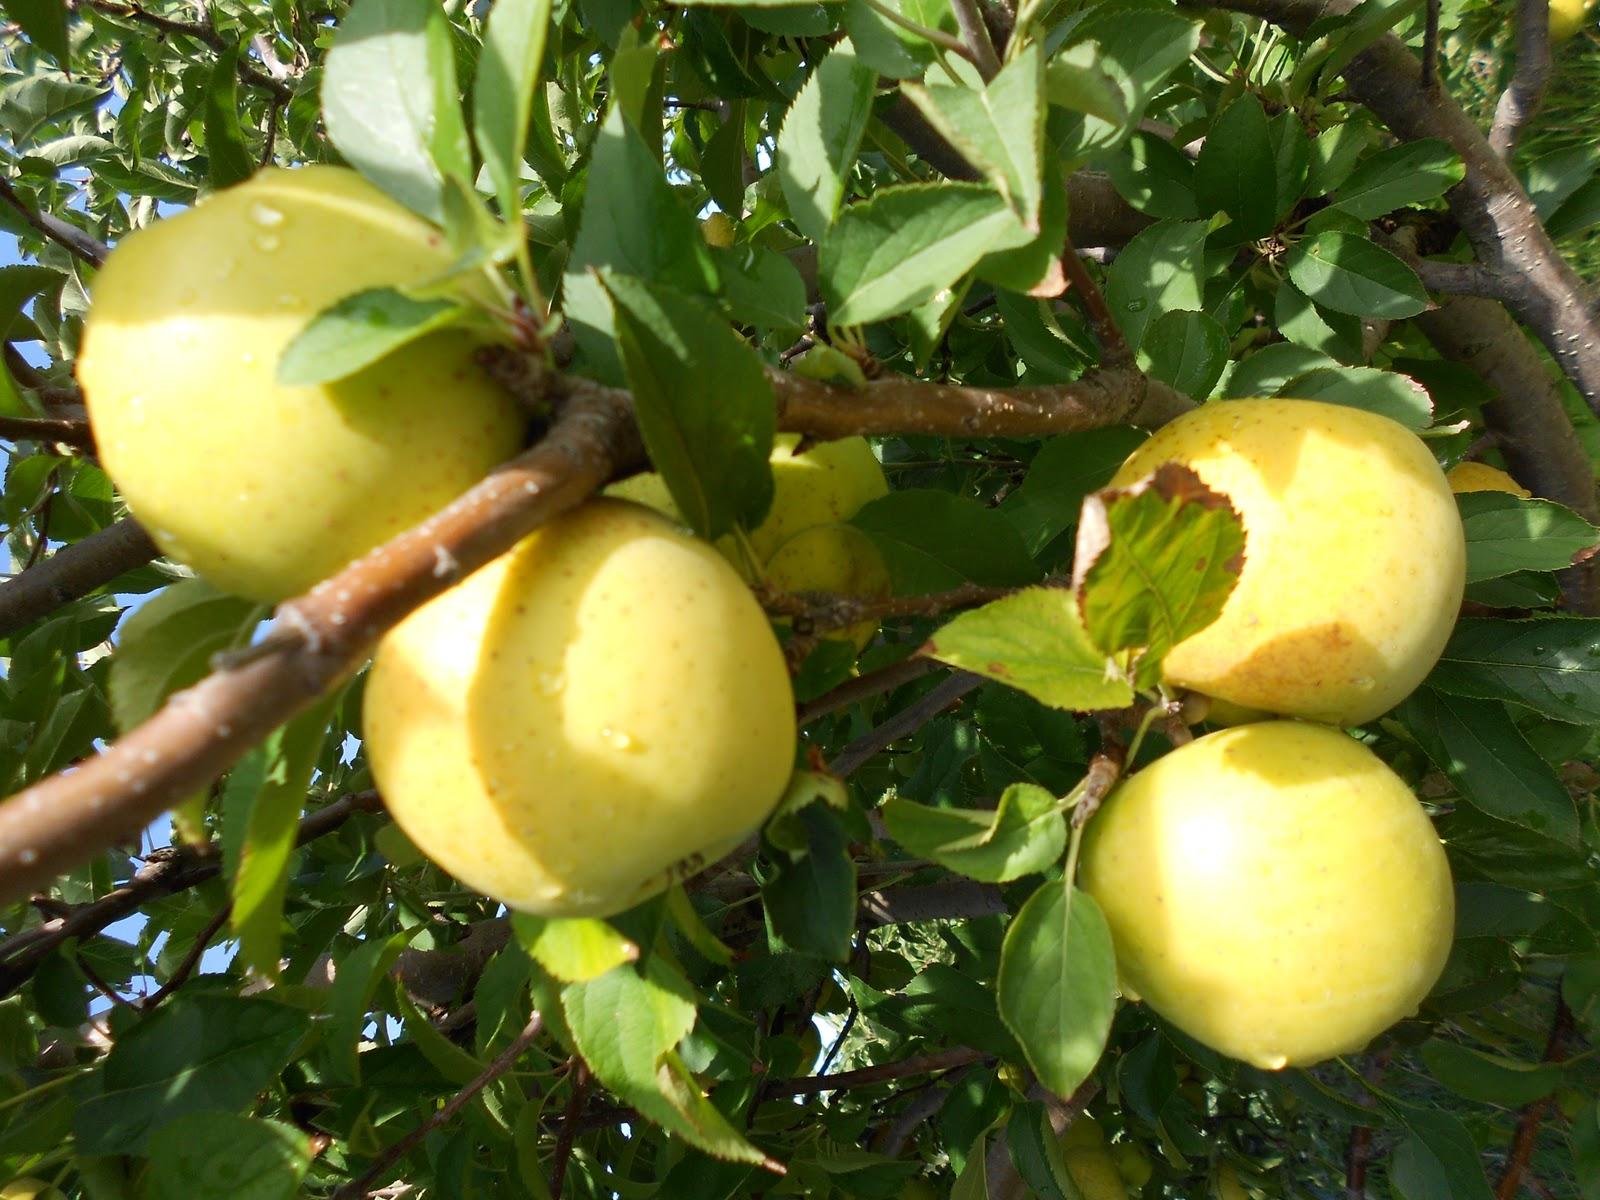 Brenda's Berries & Orchards: 'GoldRush' apples & apple crosses ...